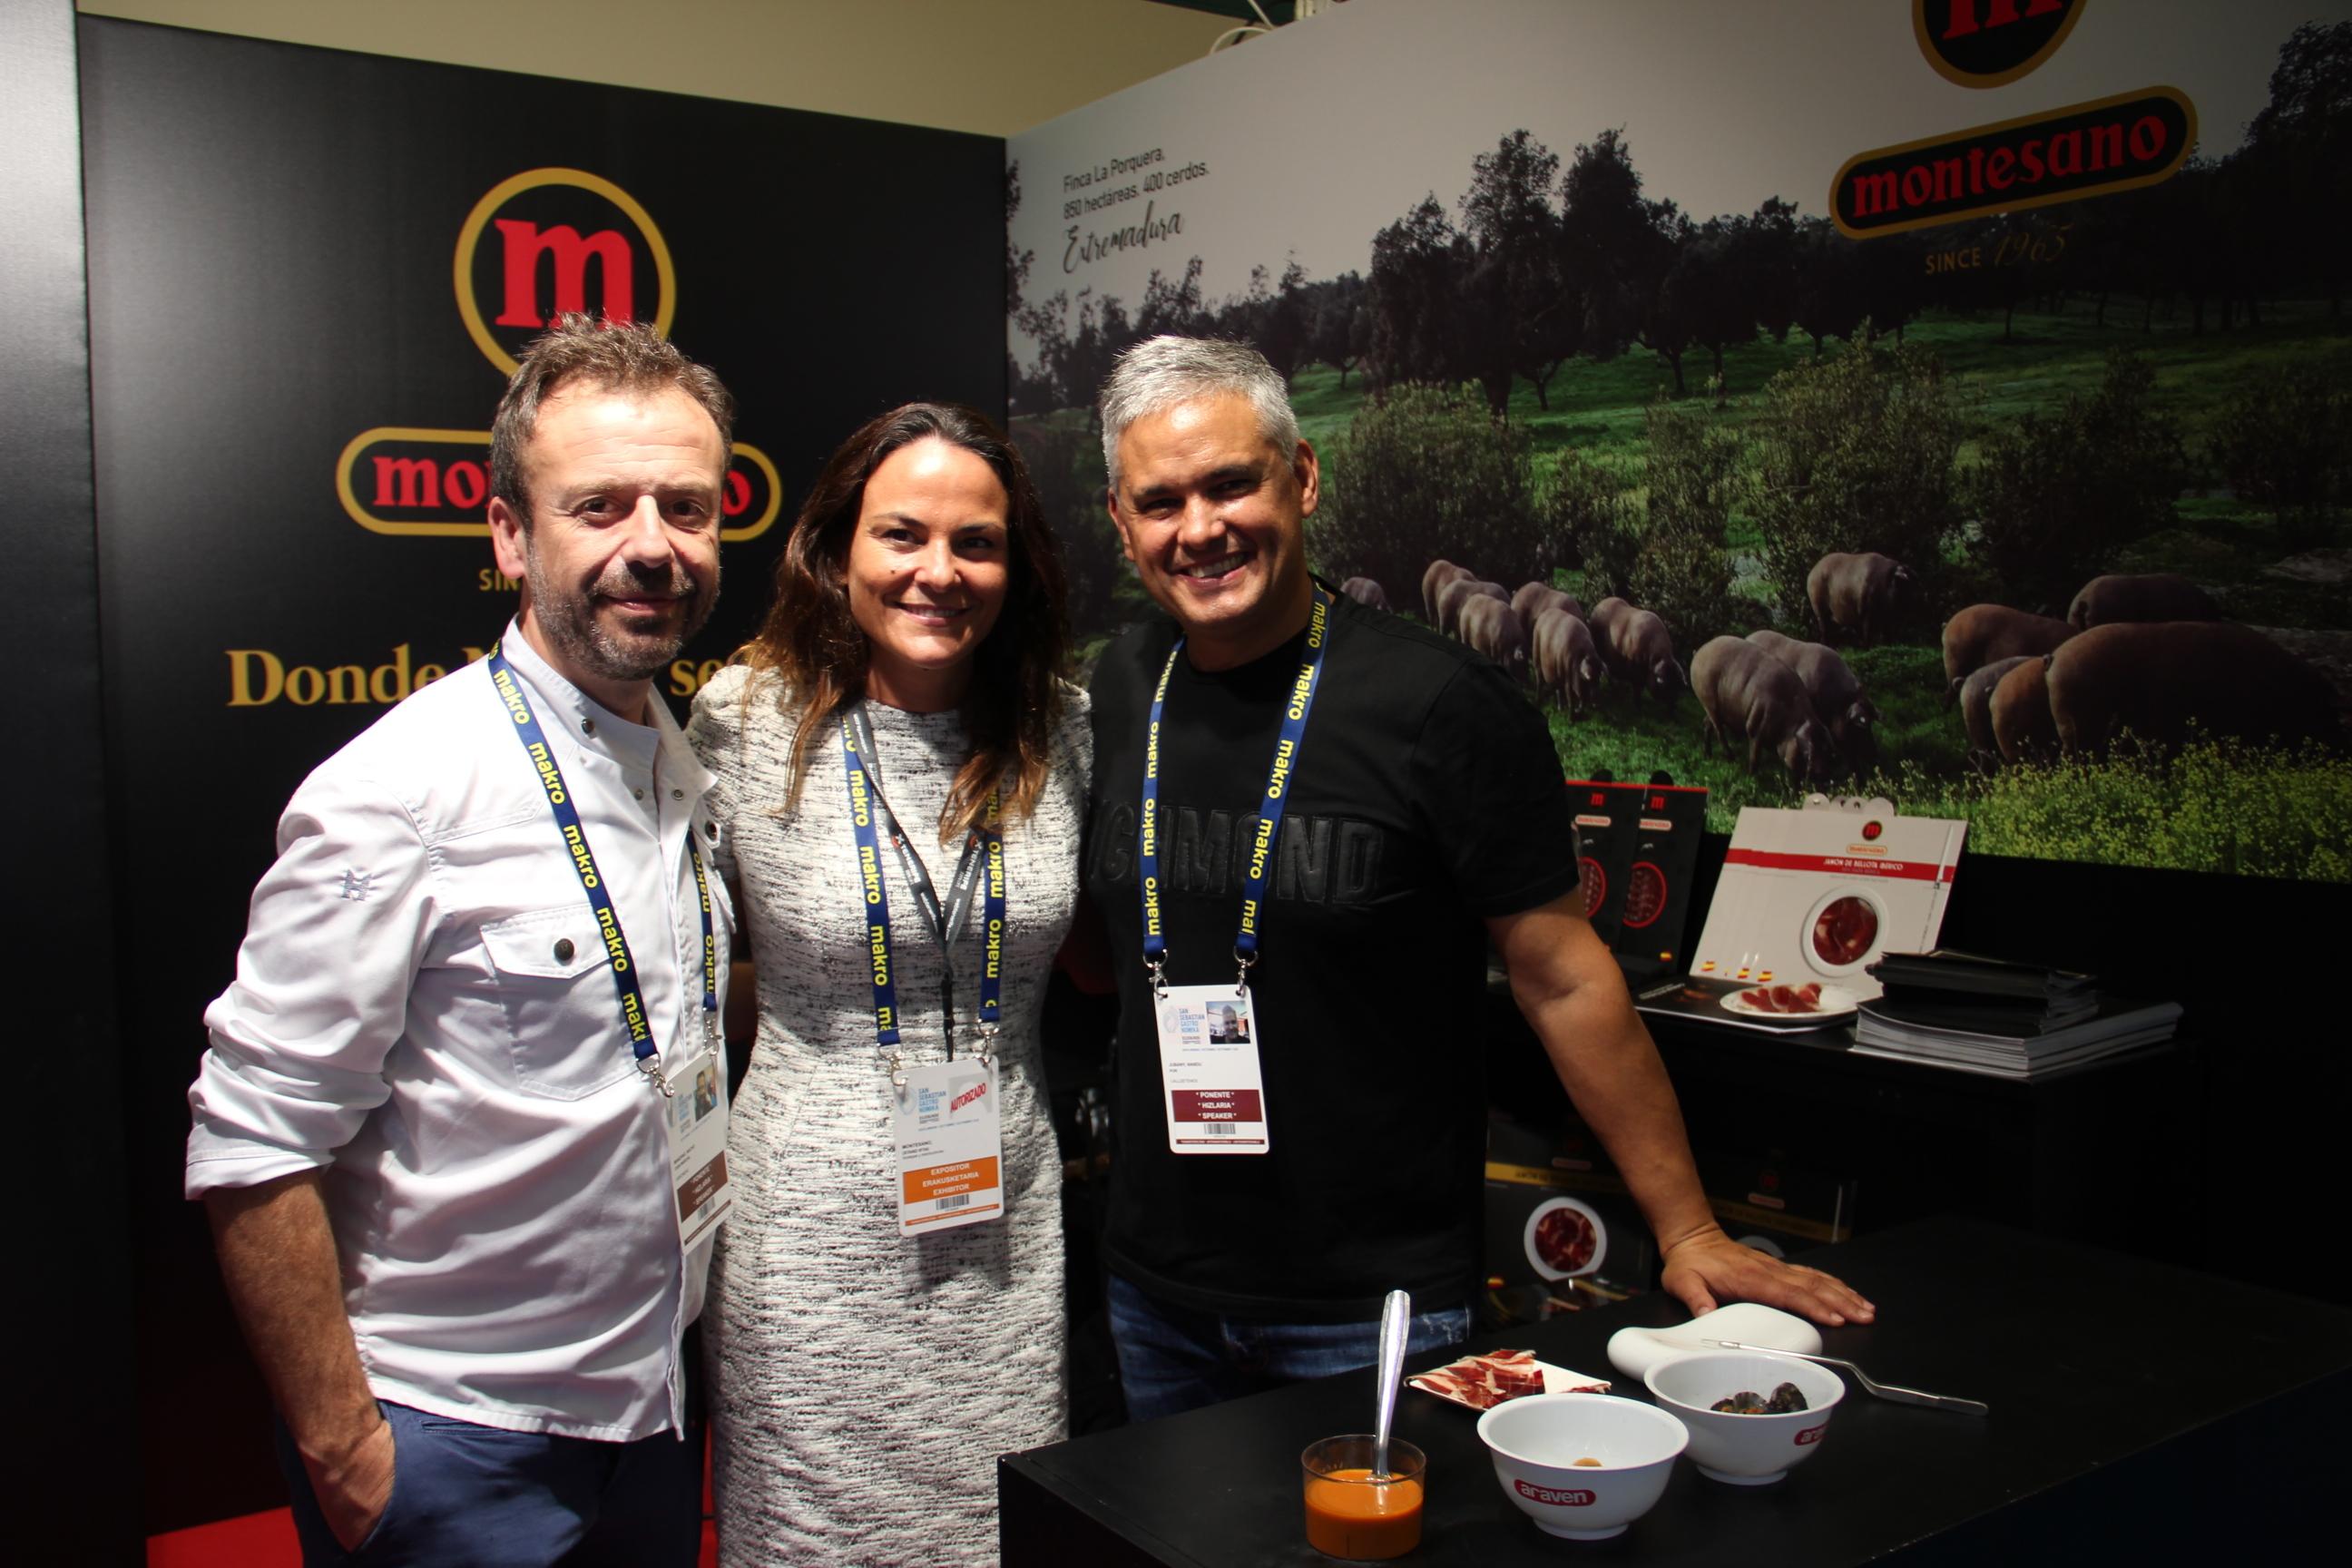 Los ibéricos de Montesano y el chef Nacho Manzano subliman el formato de la tapa durante el I Congreso de Pintxos y Tapas en San Sebastián Gastronomika 19